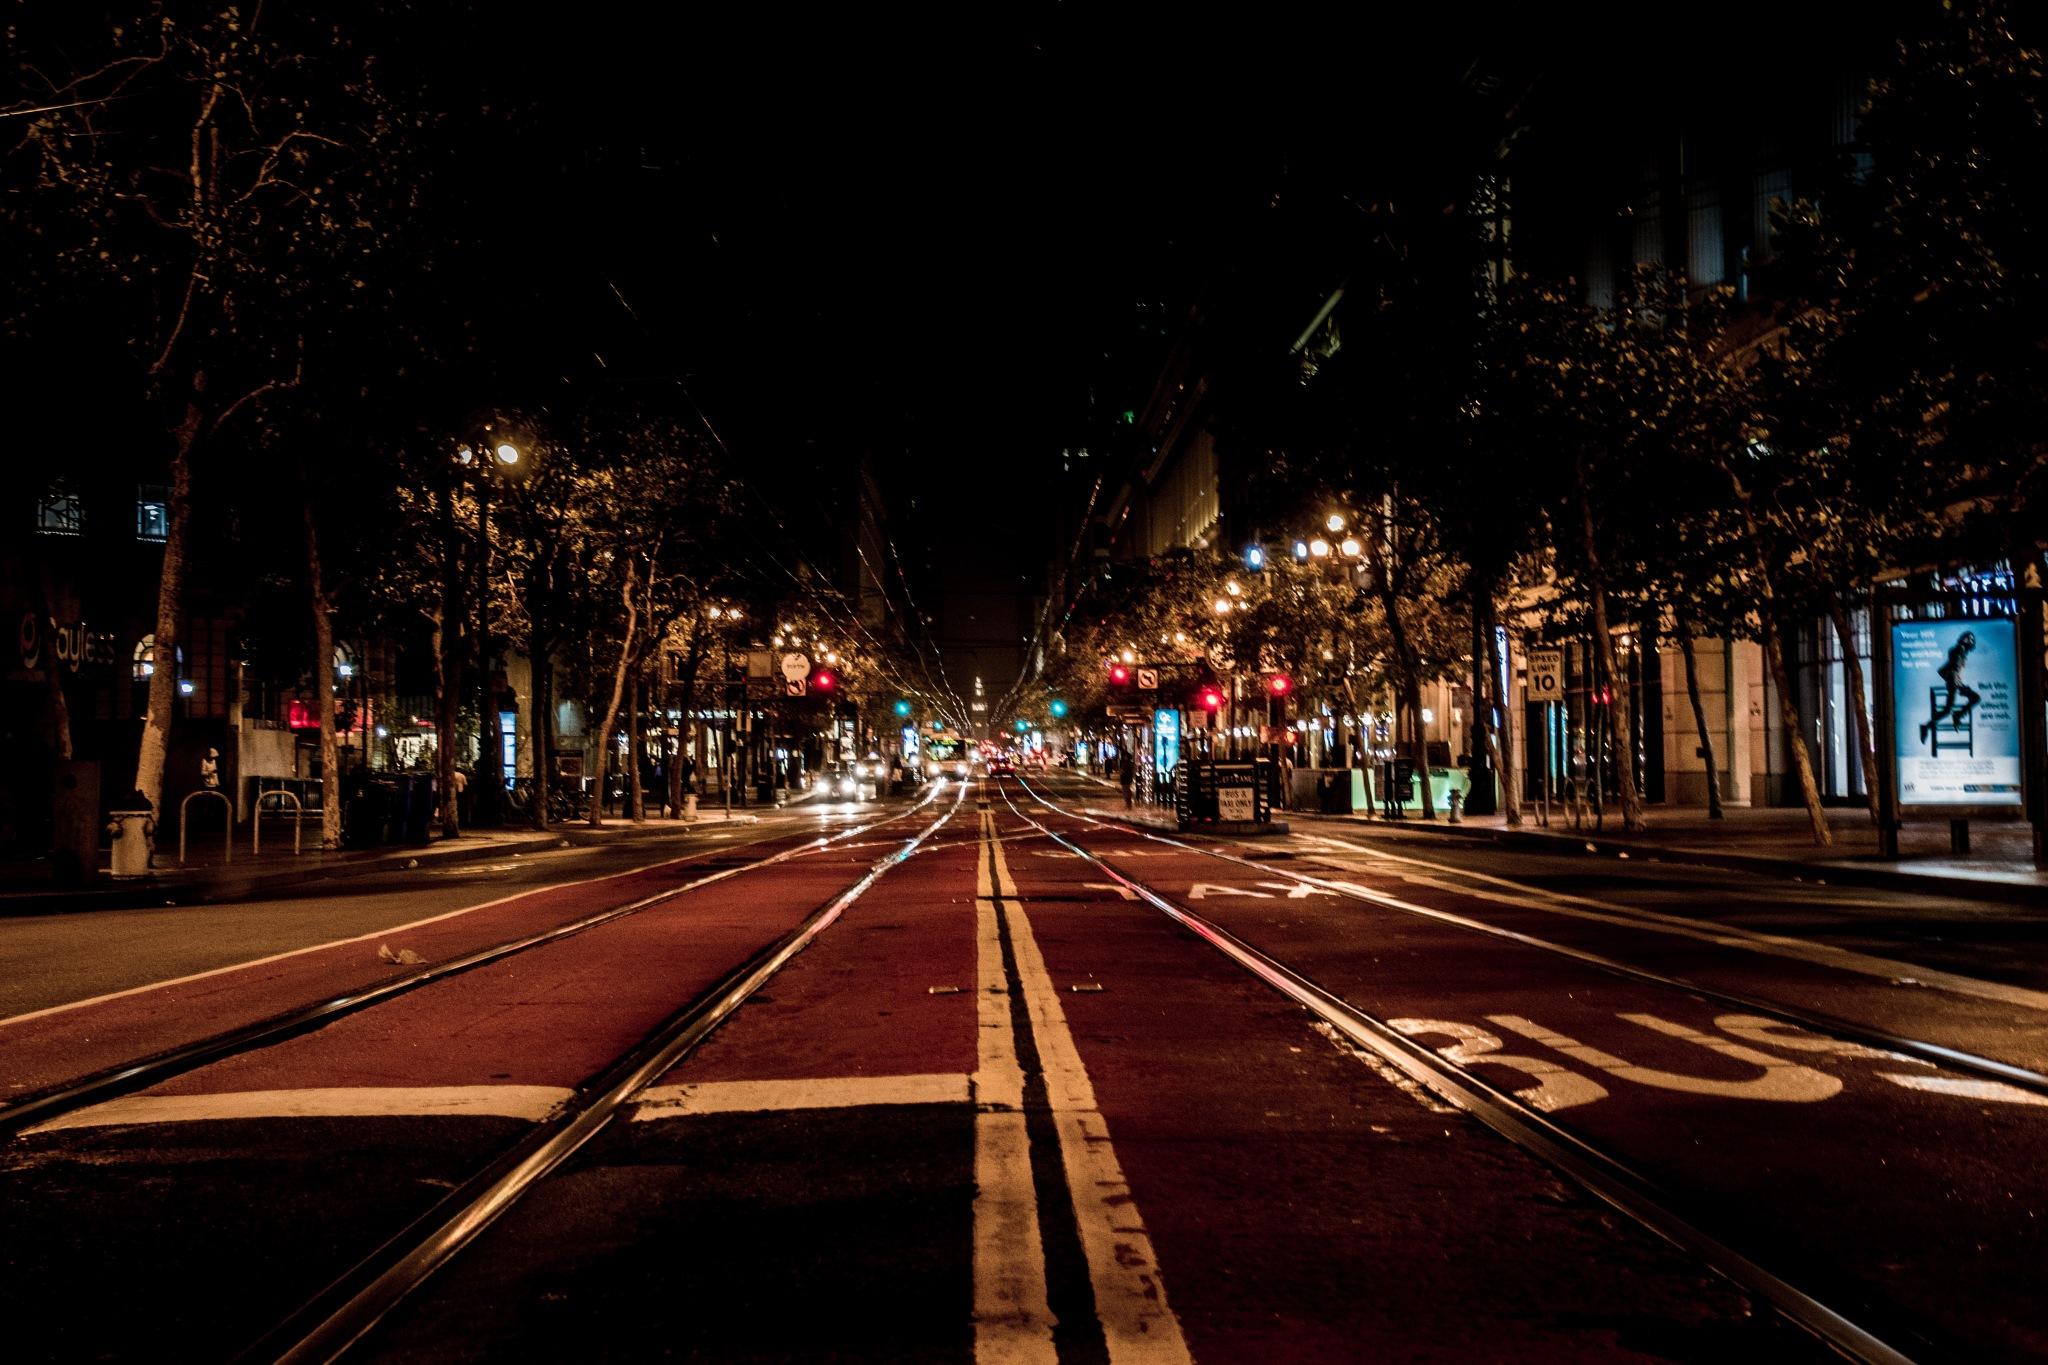 Market Street@ night by Matt_Lens